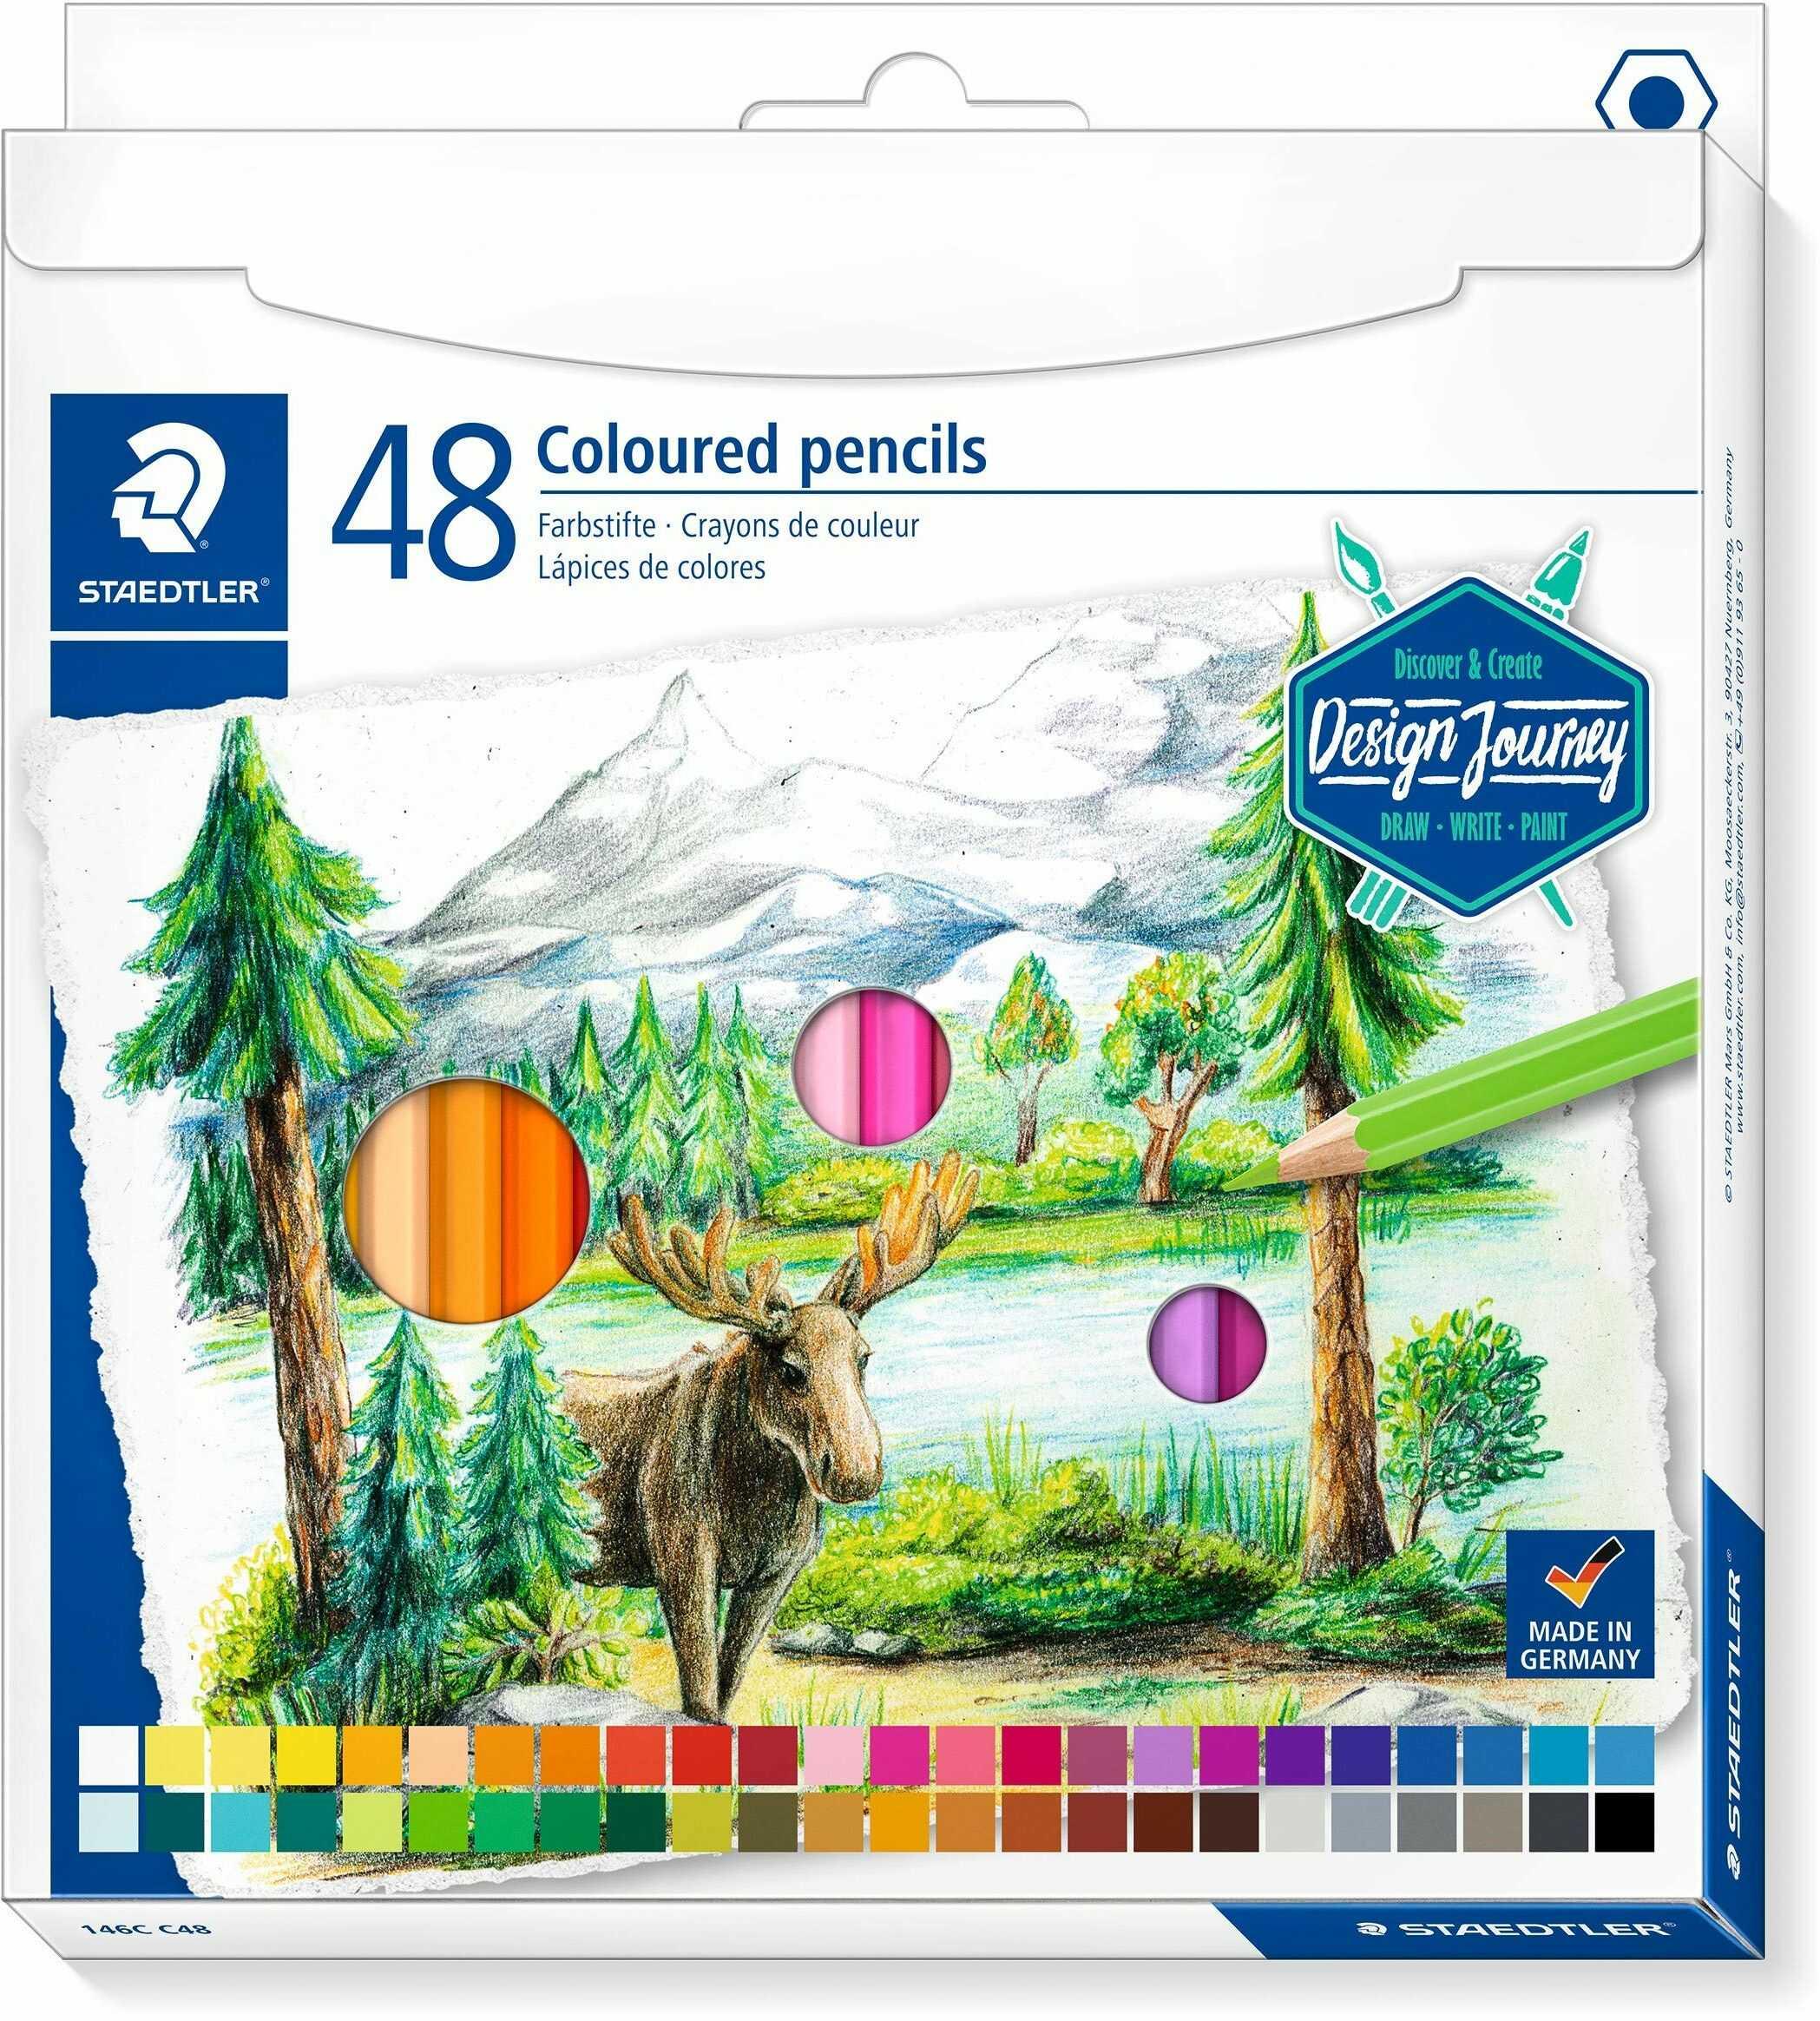 STAEDTLER 146 C48 kredki (klasyczny sześciokątny format, miękki wkład, wysoko pigmentowane kolory), kartonowe etui z 48 kredek w jaskrawych kolorach